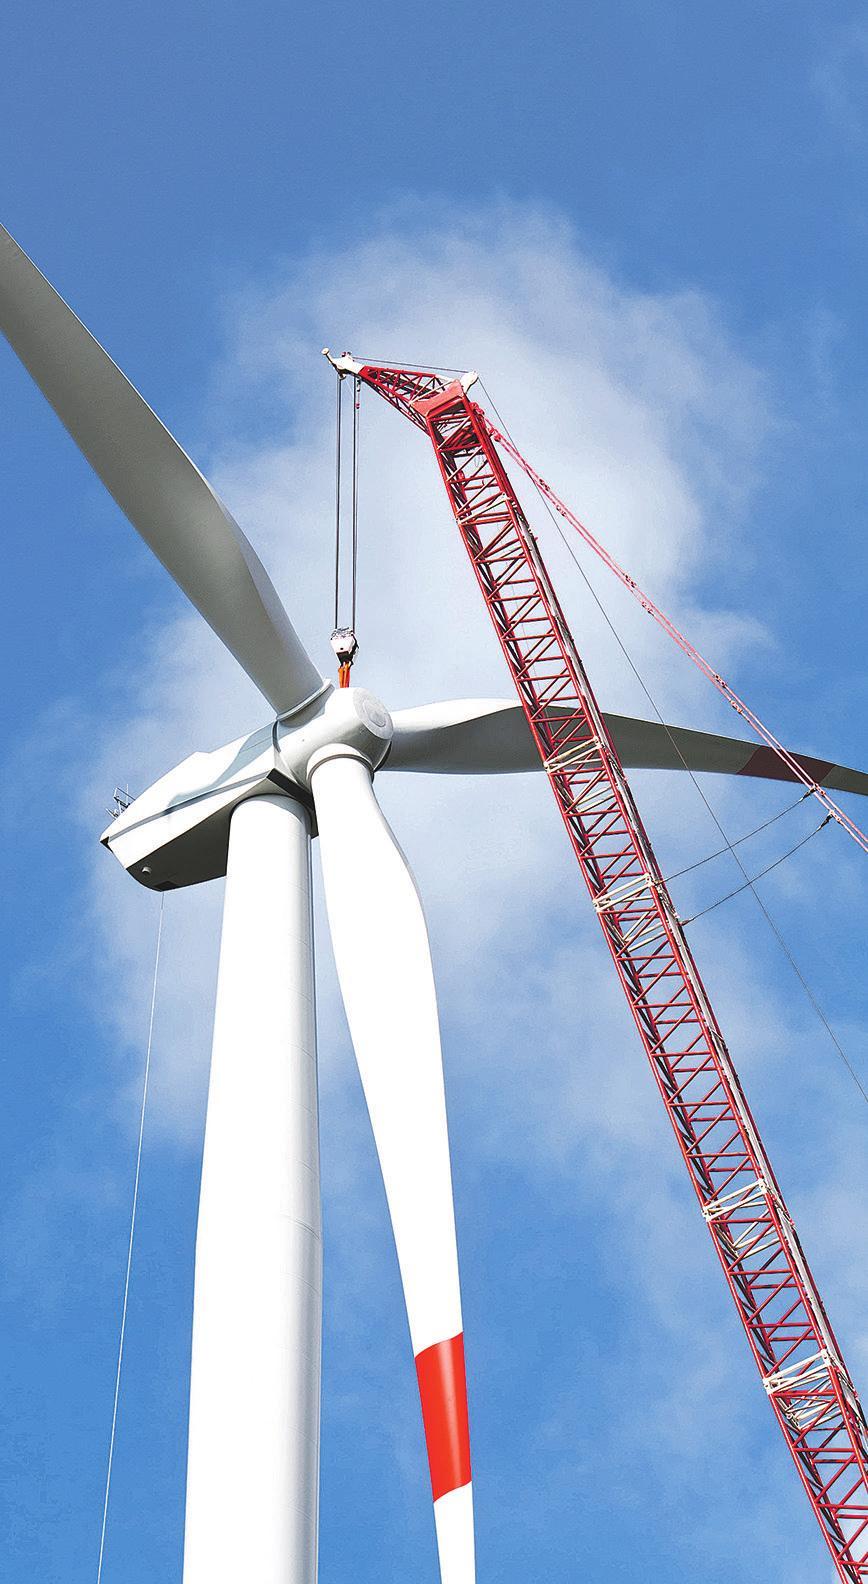 Errichtung einer Windkraftanlage. Der Zubau im ersten Halbjahr 2021 in Deutschland übertrifft bereits die Menge, die im gesamten Jahr 2019 installiert wurde. Fotos: grossimov - Fotolia